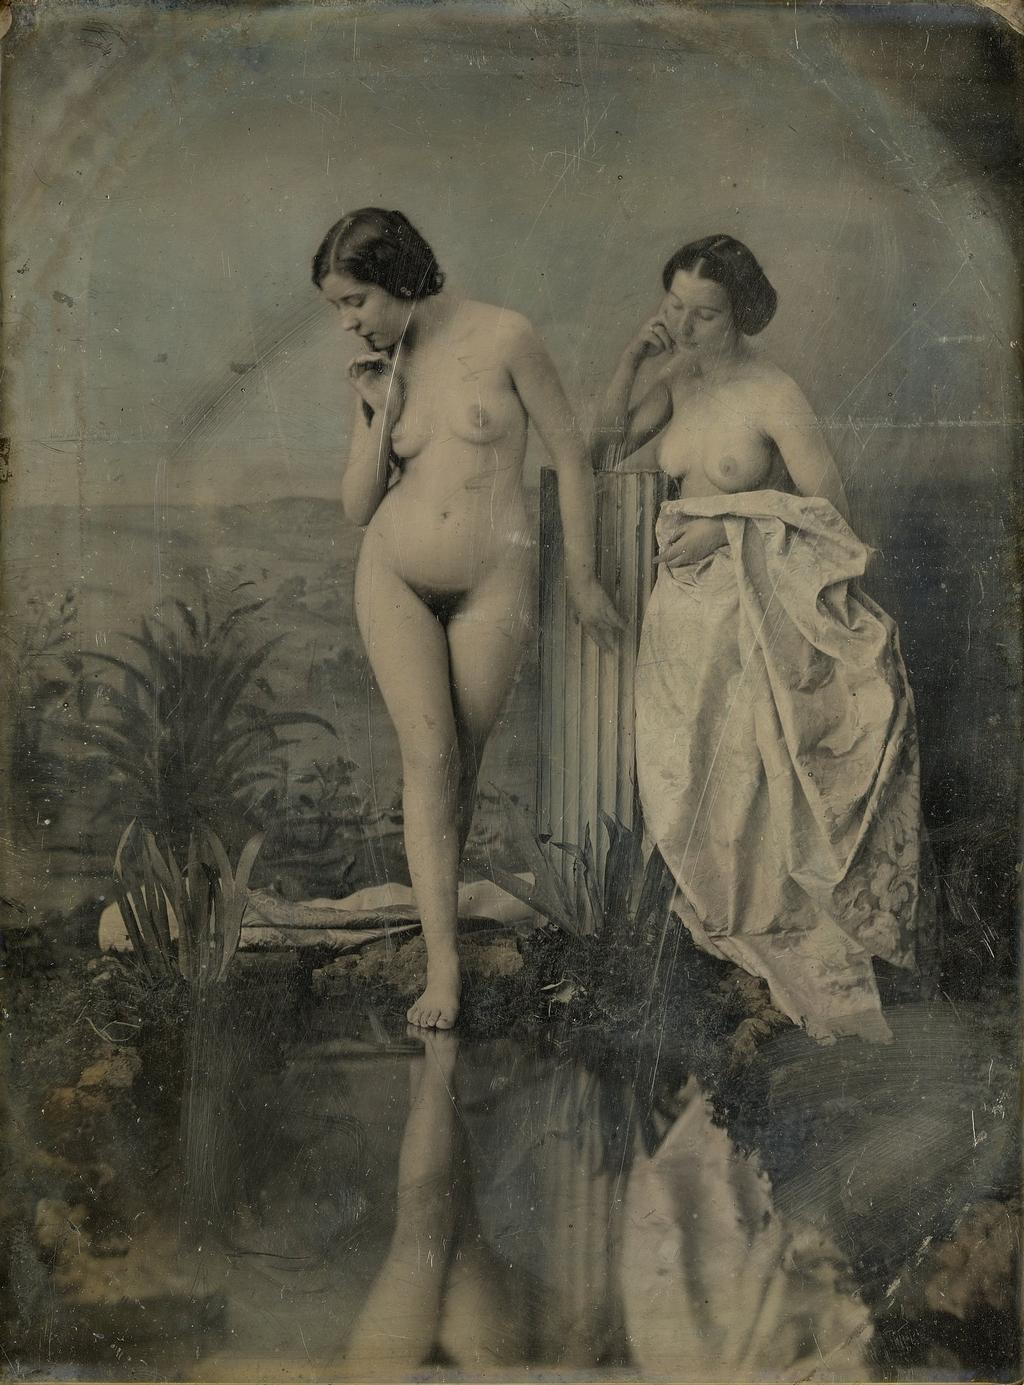 Les baigneuses - Felix Jacques Moulin